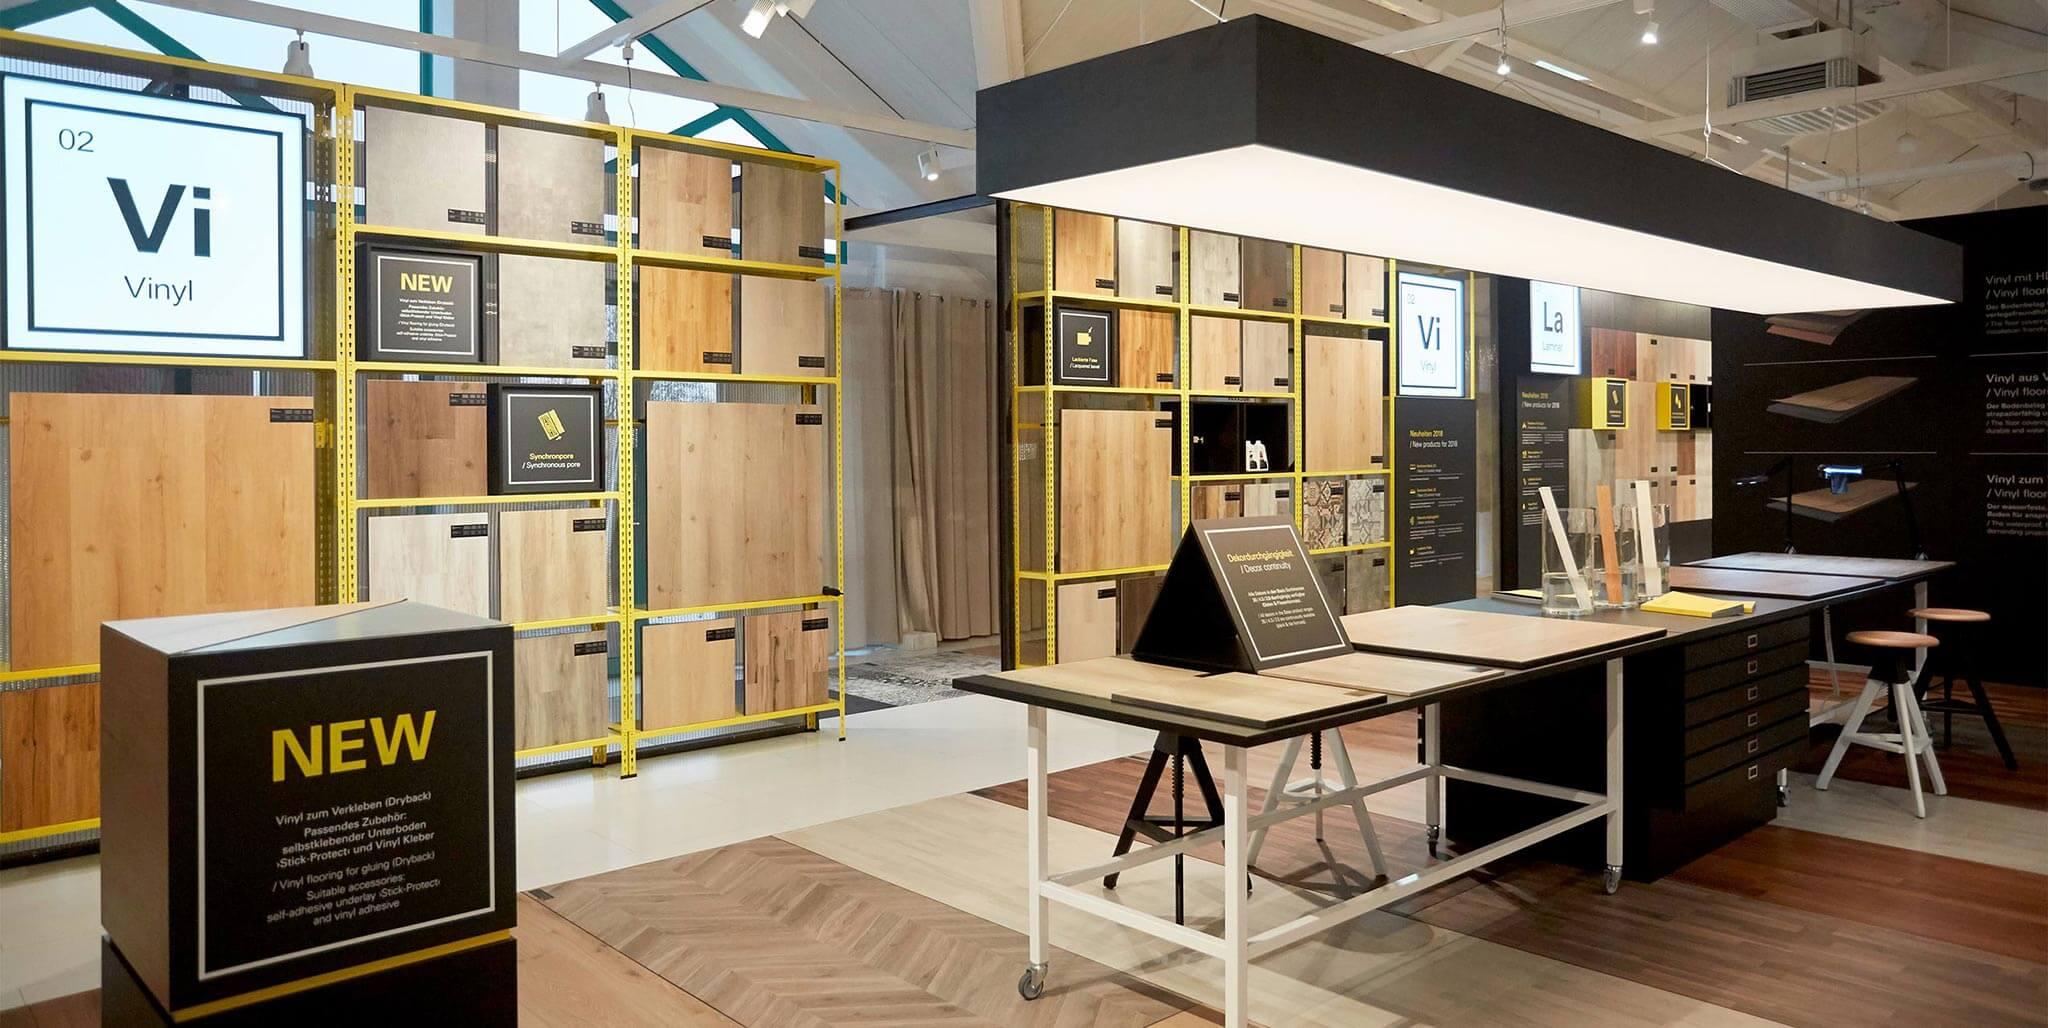 Parador: Ausstellungsdesign Handelstage 2018 von Designagentur Preussisch Portugal aus Hamburg